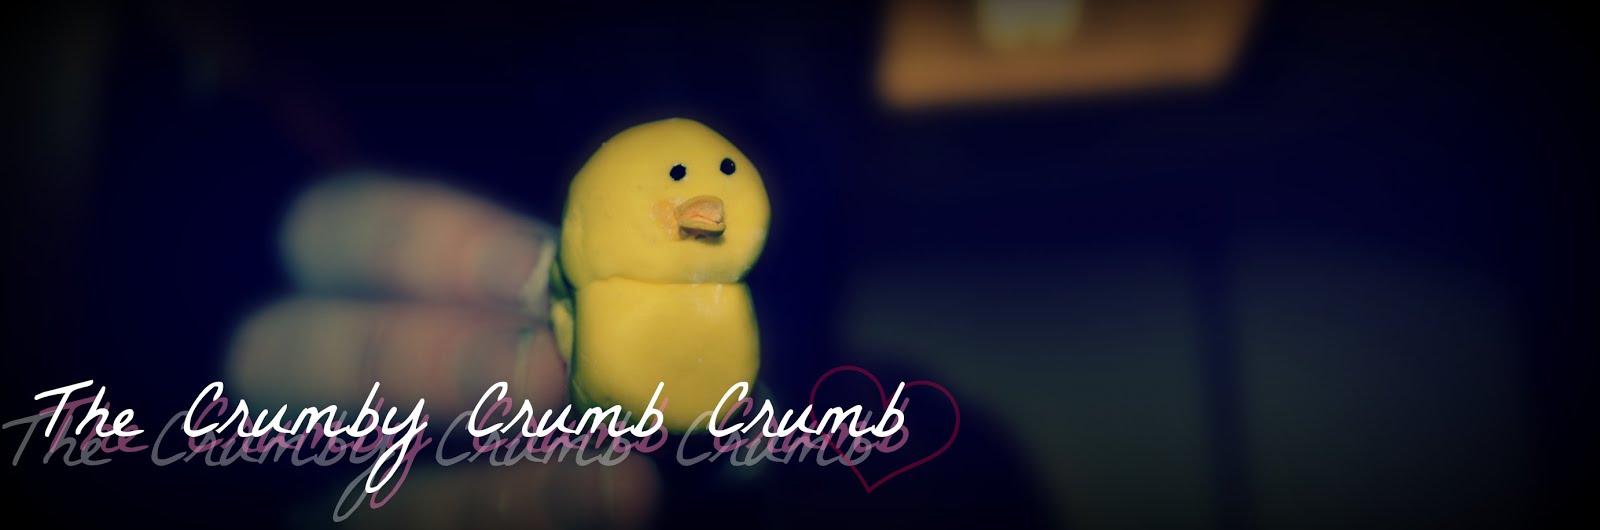 The Crumby Crumb Crumb